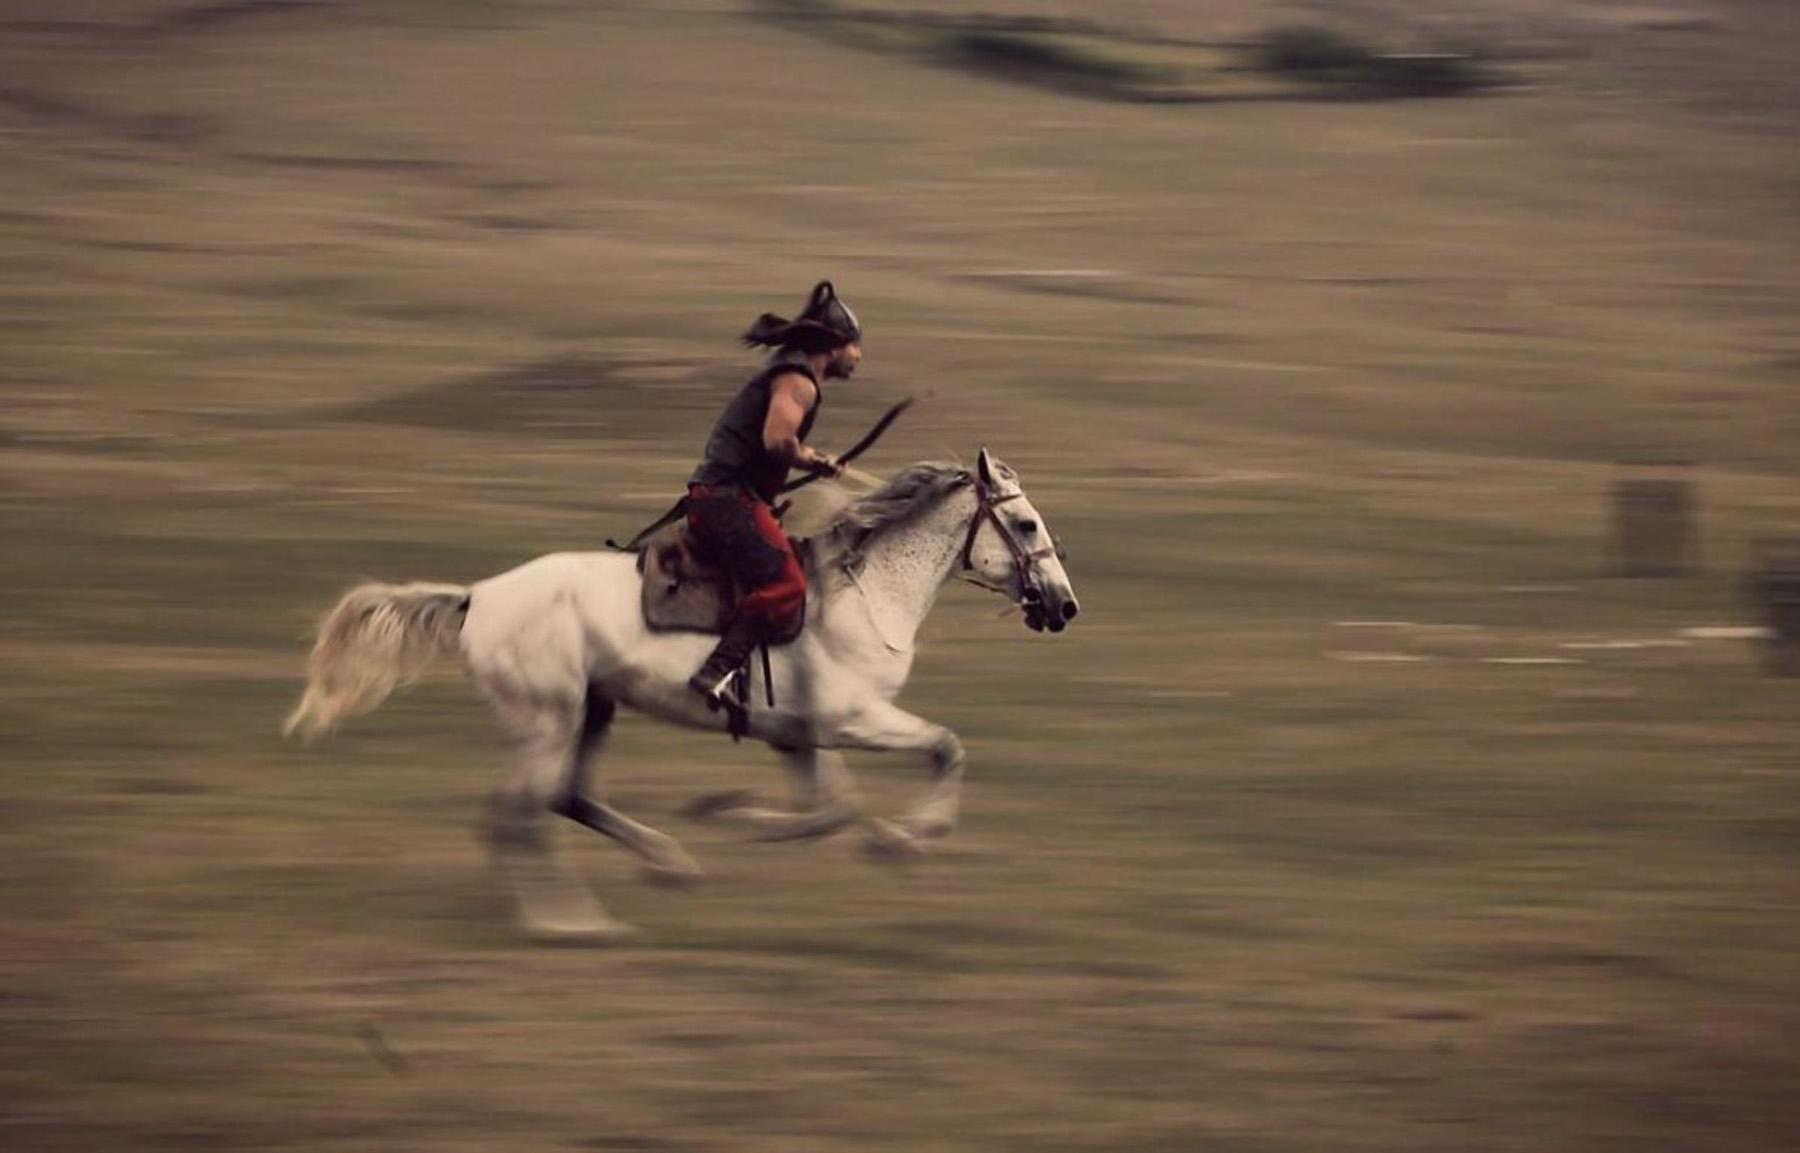 Gnający na swoim koniu Kirgiski wojownik. Zdjęcie zrobione podczas festiwalu nomadów nad Issyk-Kulem.